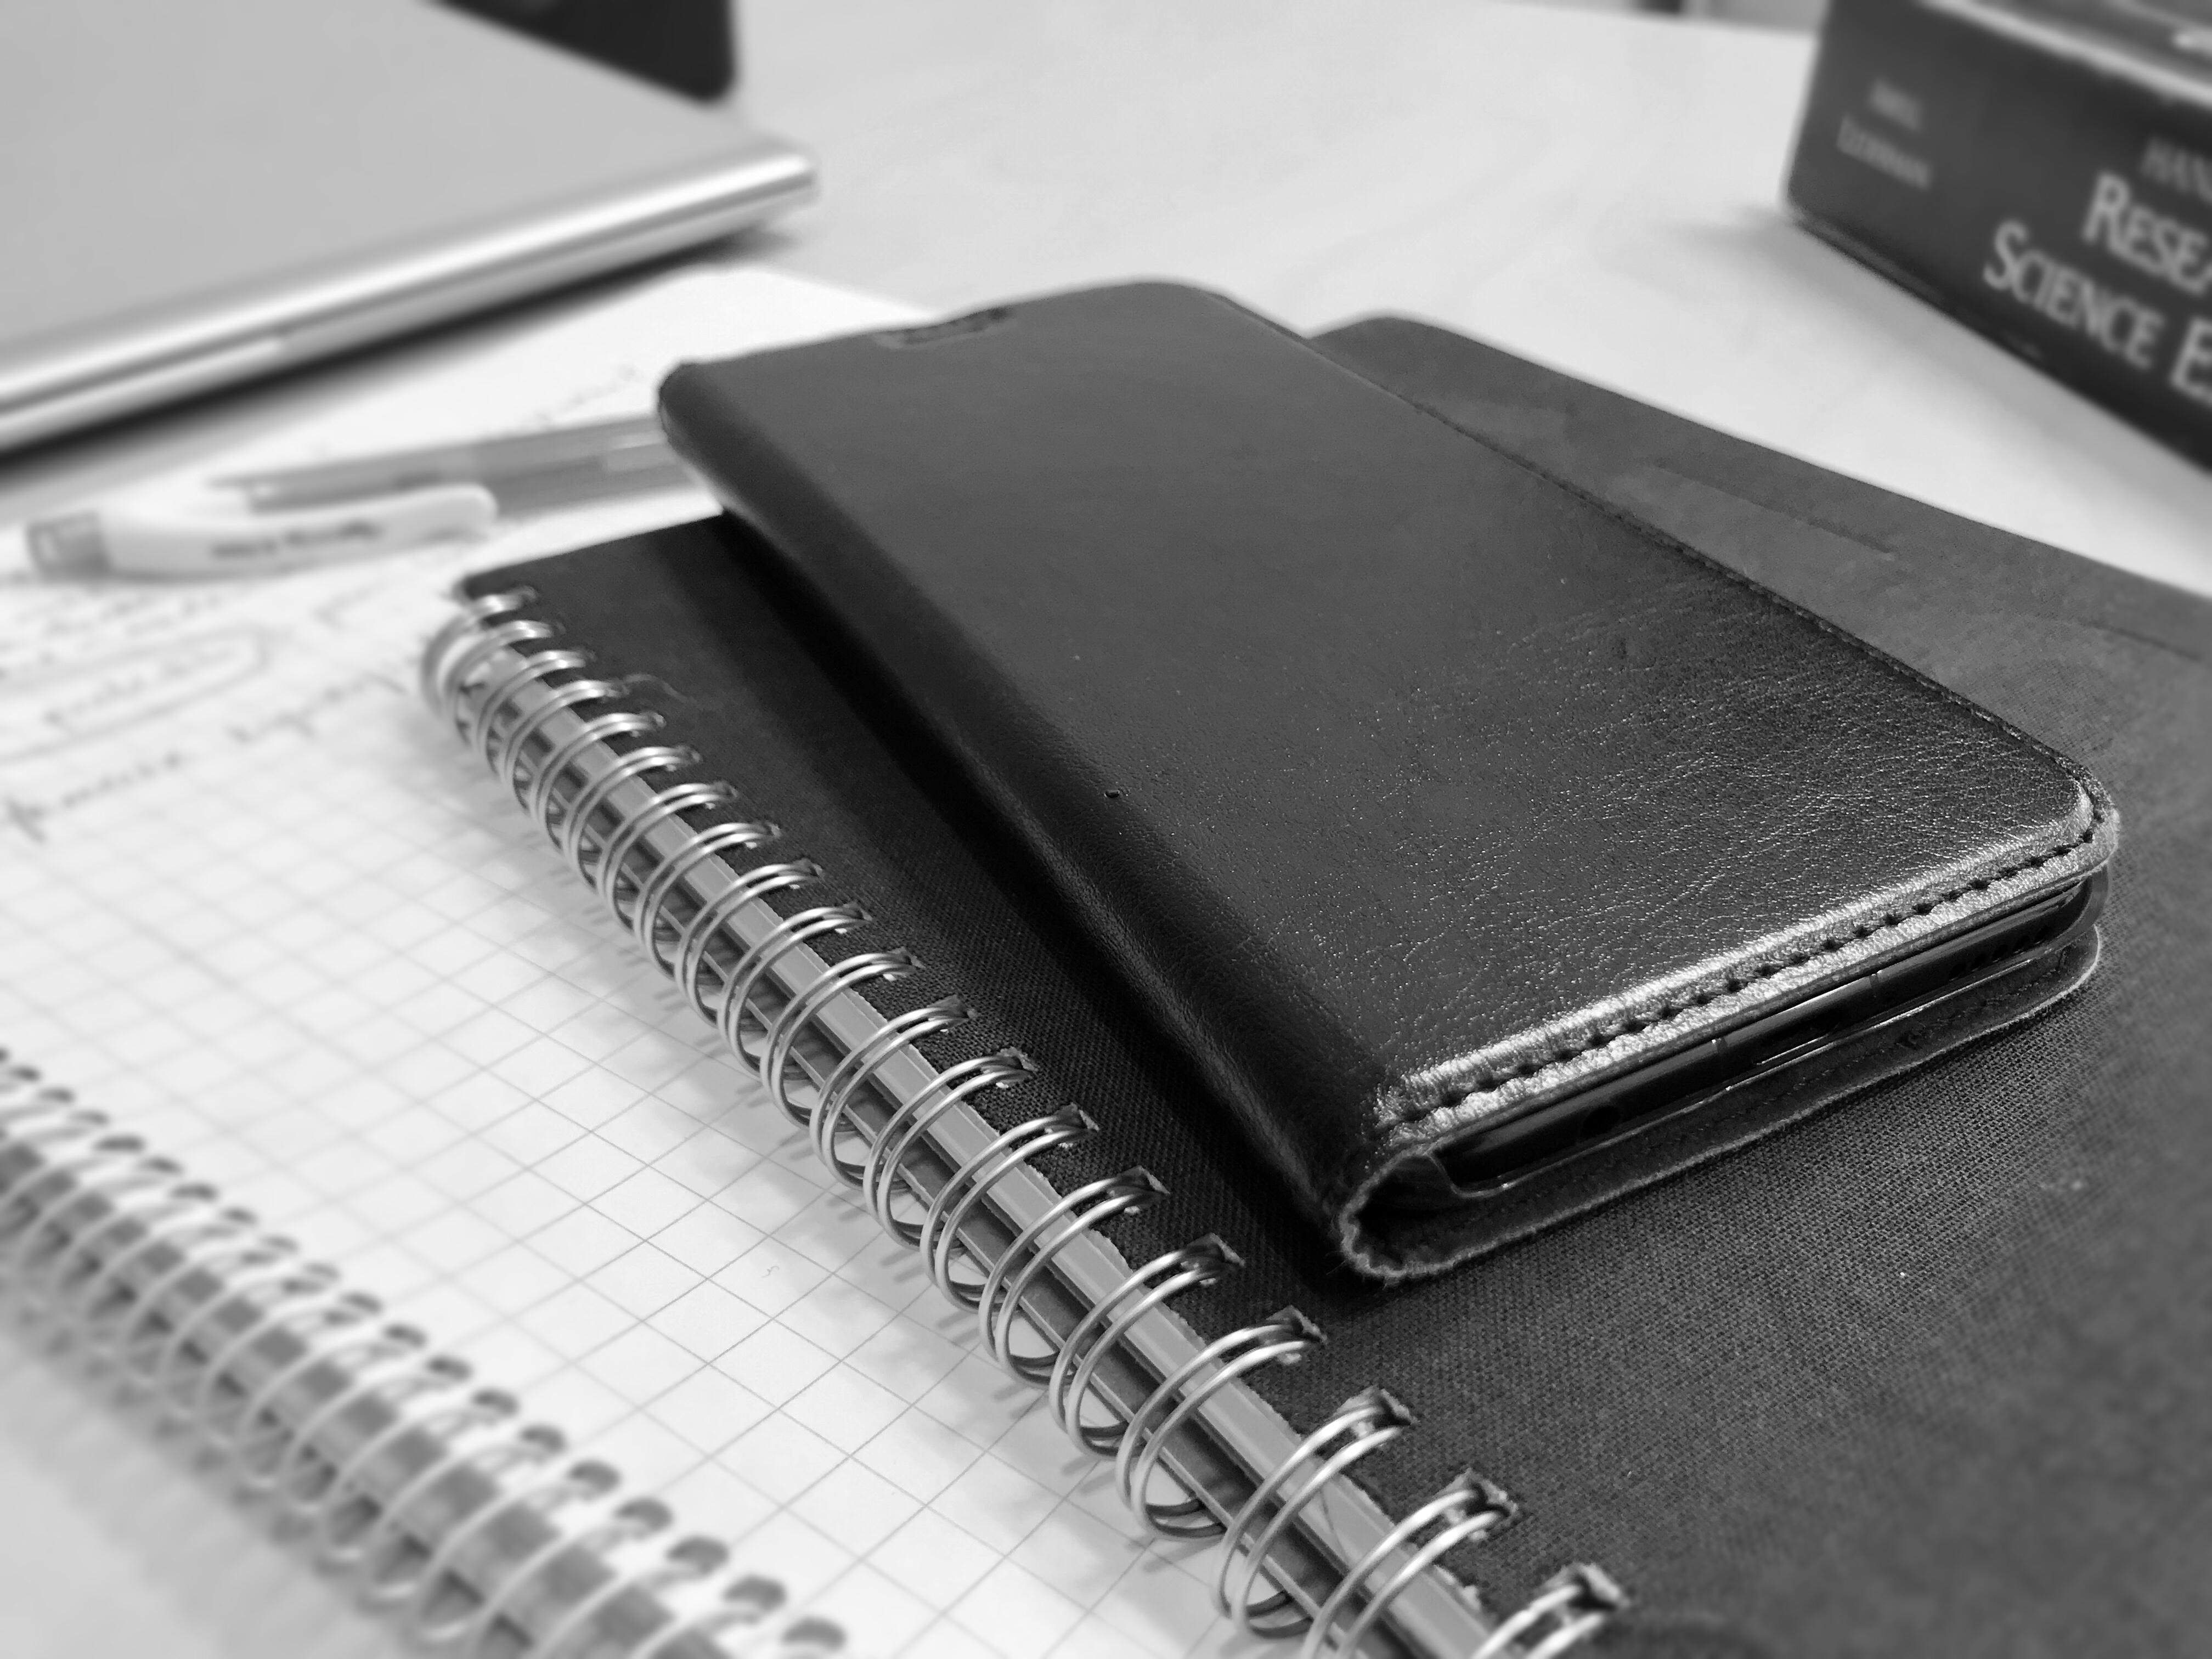 Mustavalkoisessa kuvassa vihko, kalenteri ja kännykkä työpöydällä.